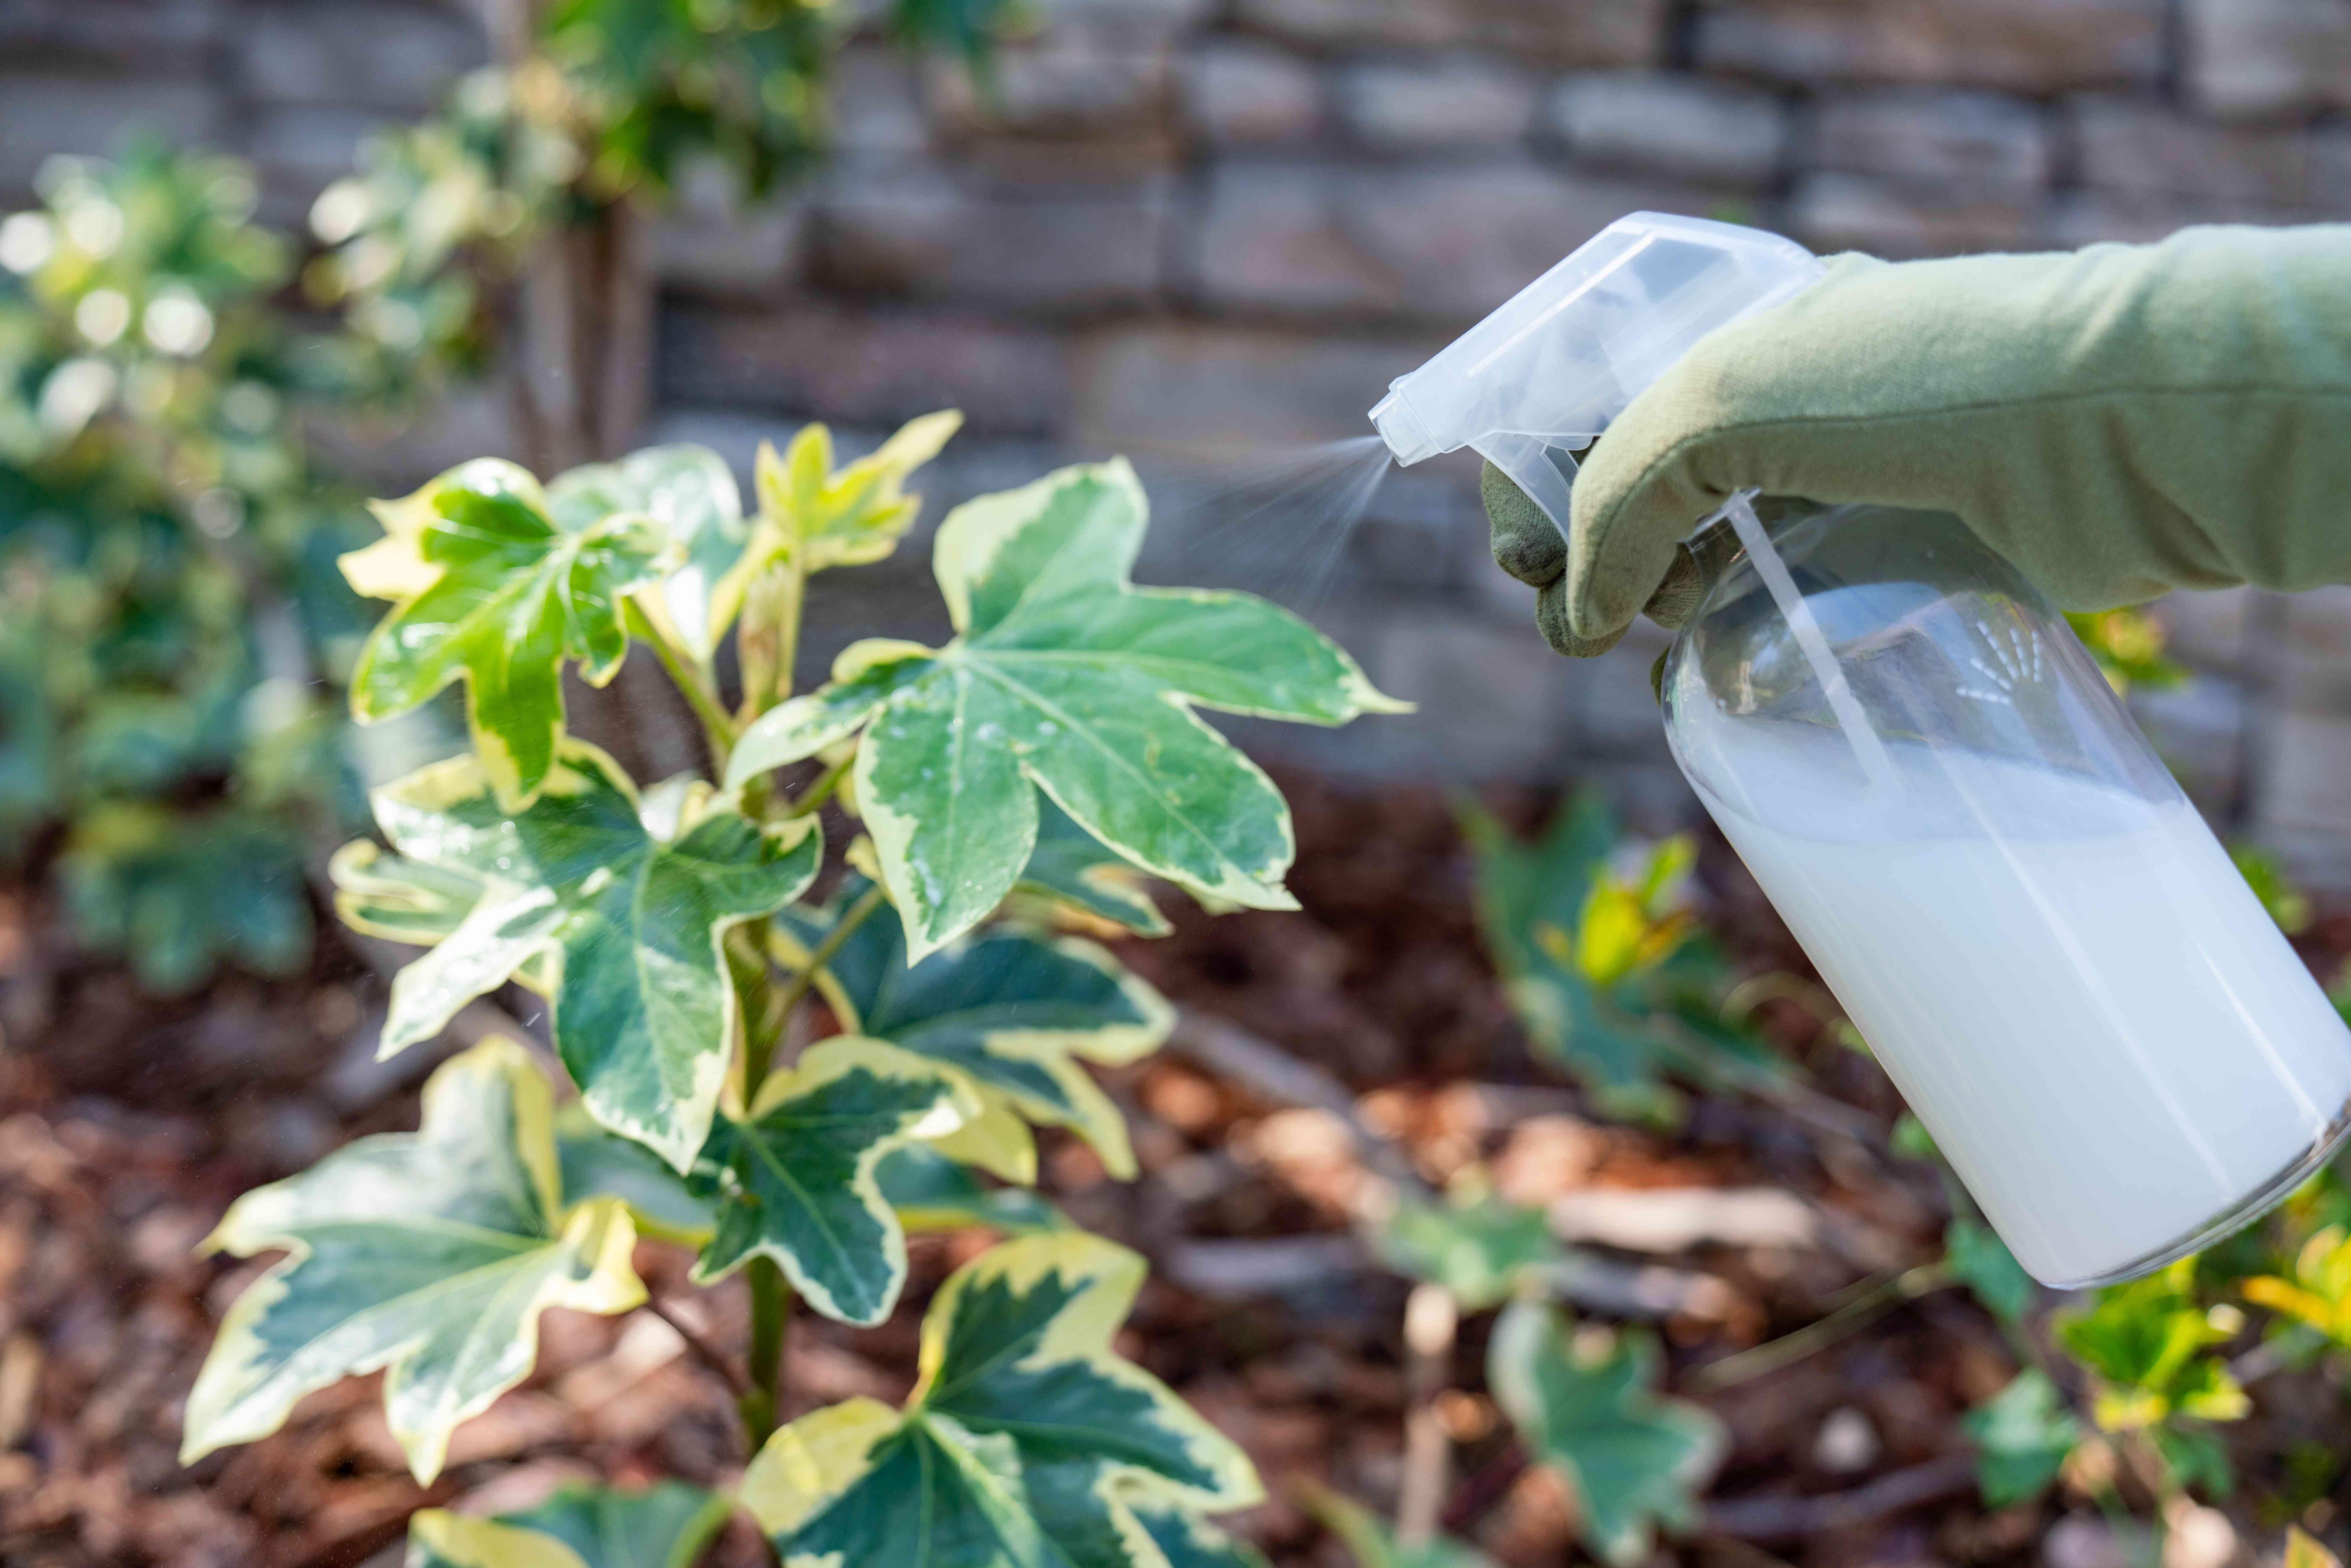 Milk being sprayed on plant